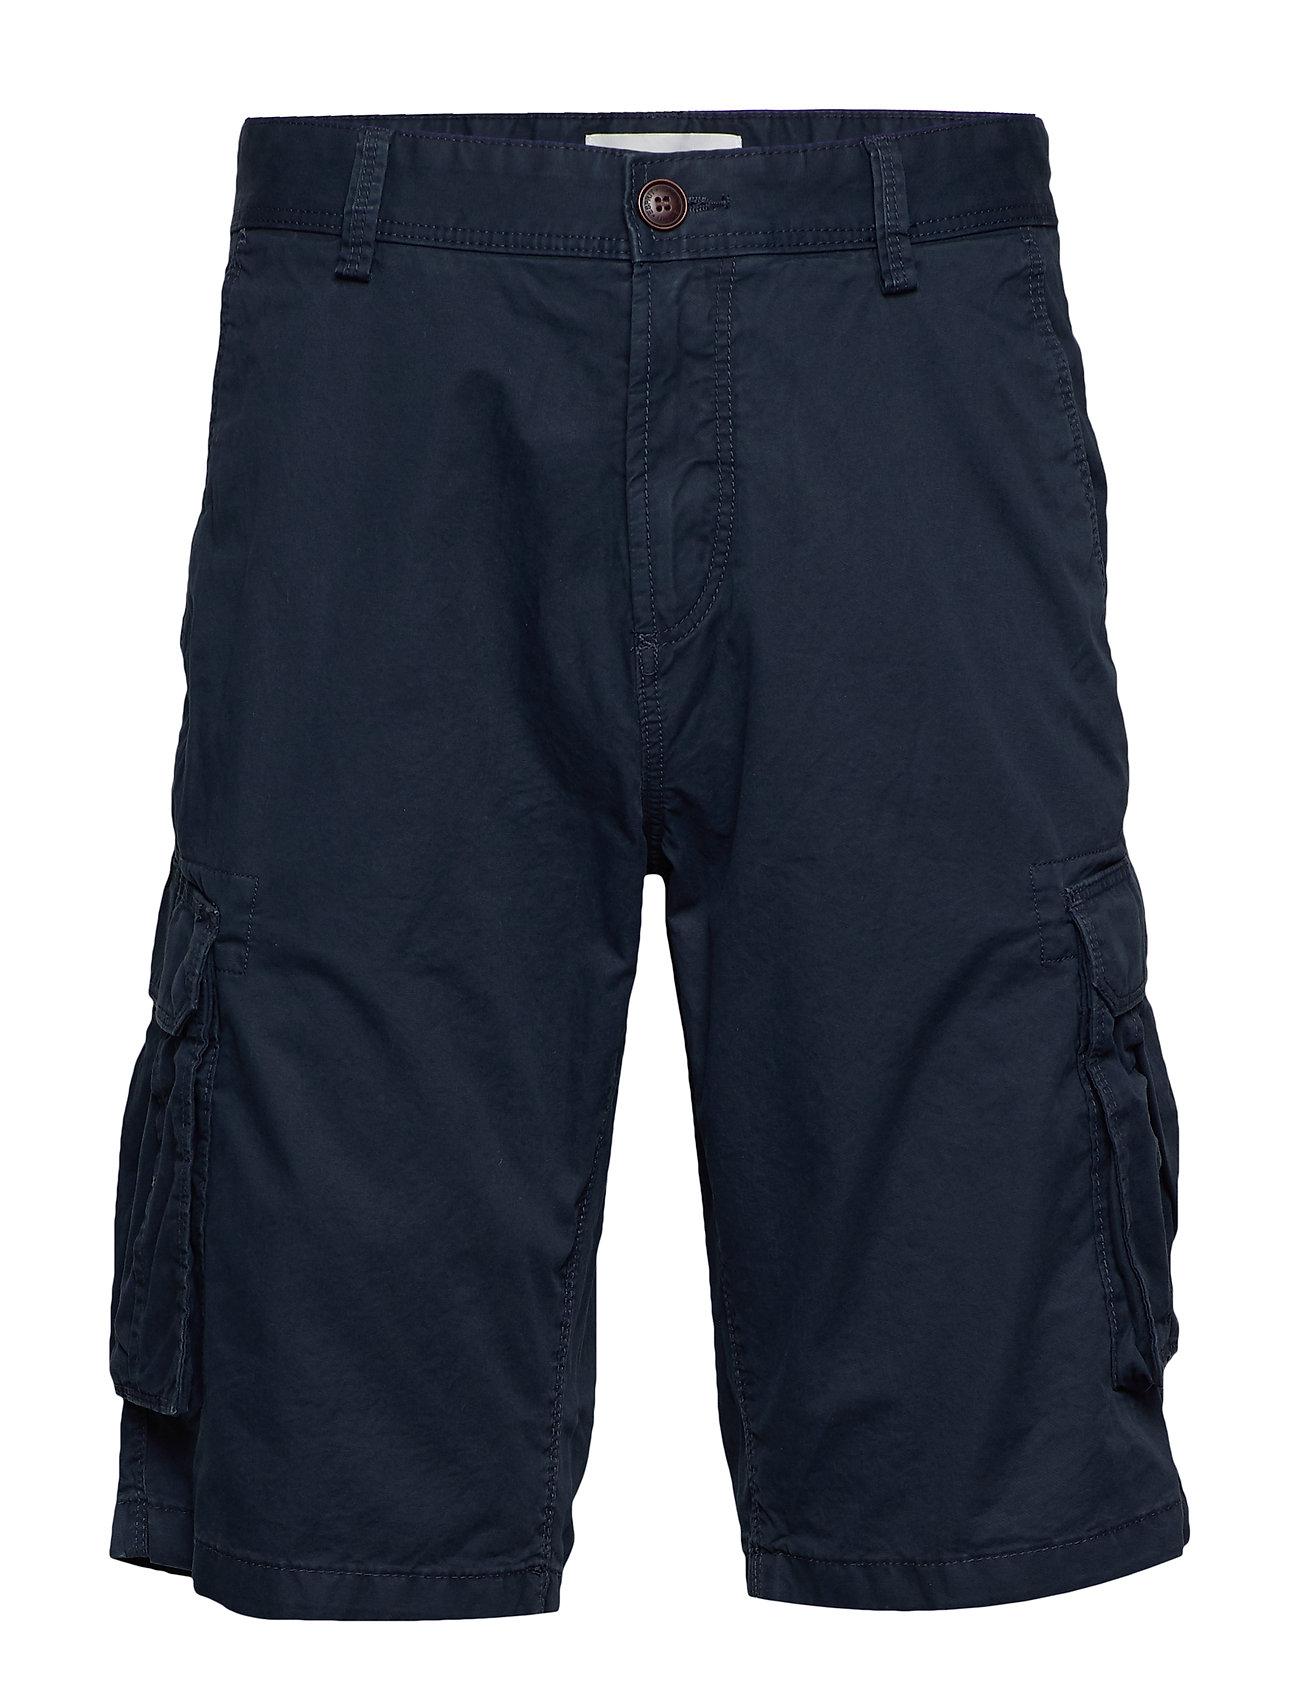 Esprit Casual Shorts woven - NAVY